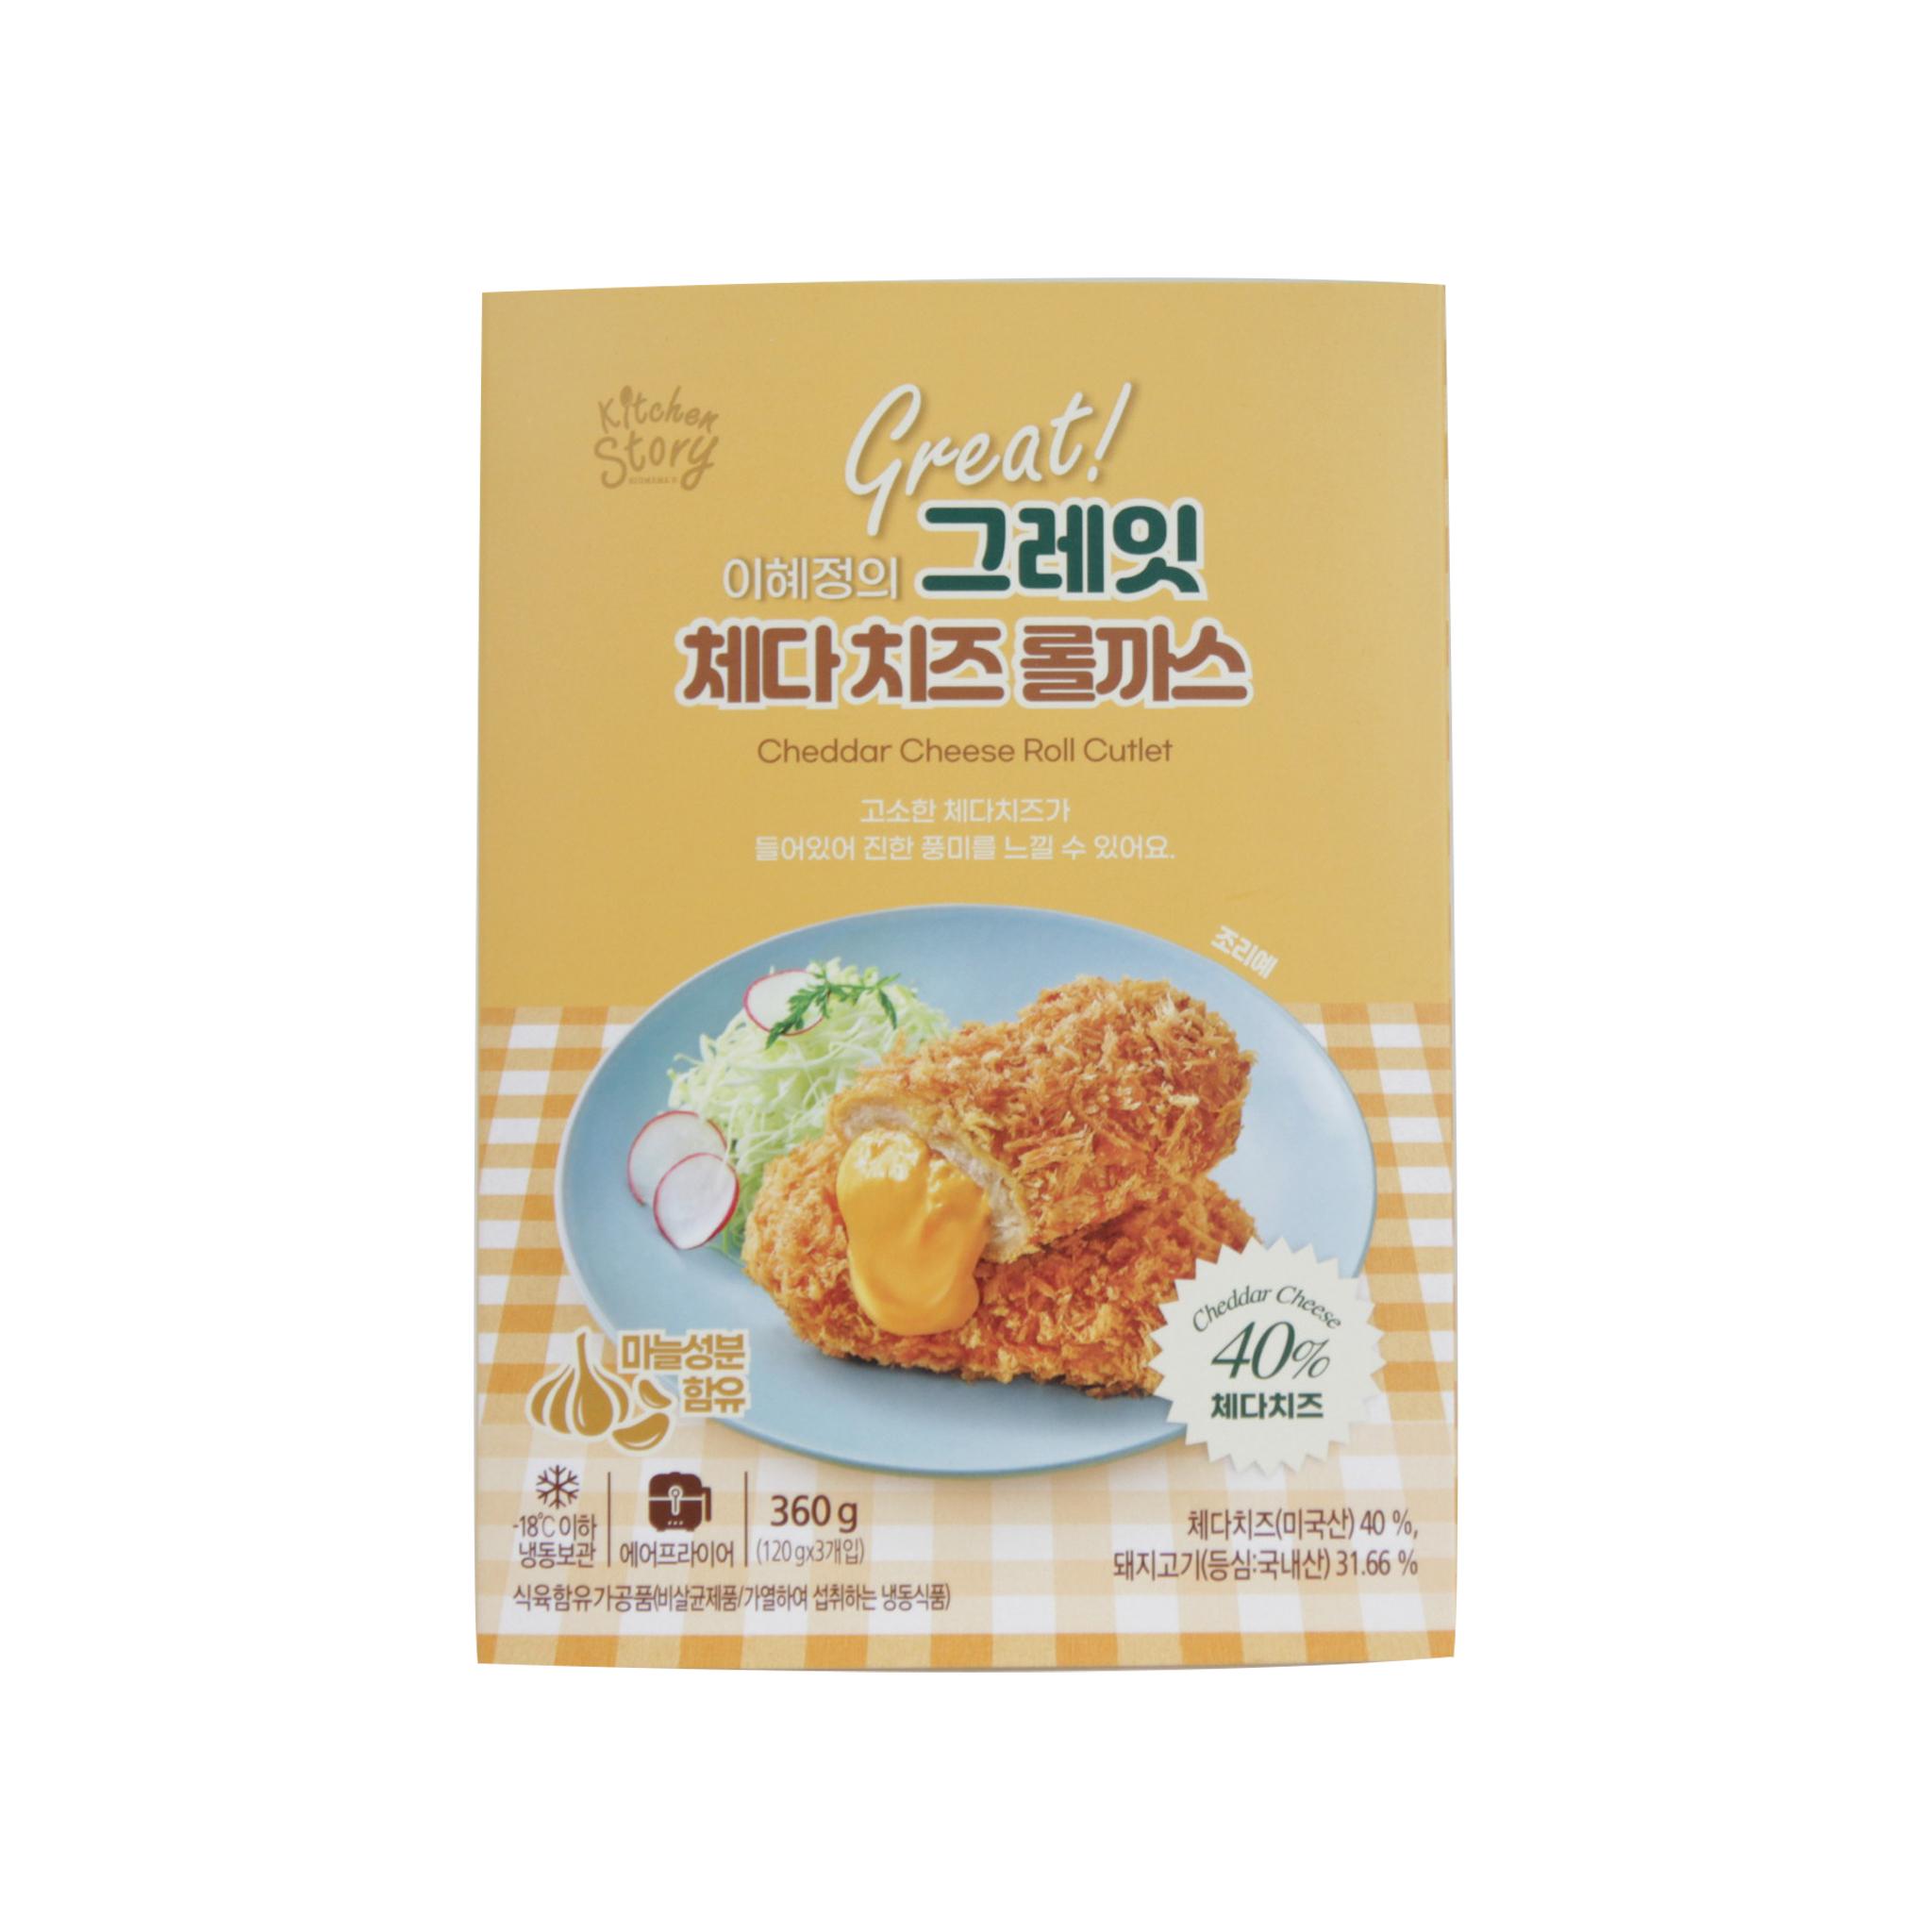 [키친스토리] 이혜정의 그레잇 체다 치즈 롤까스